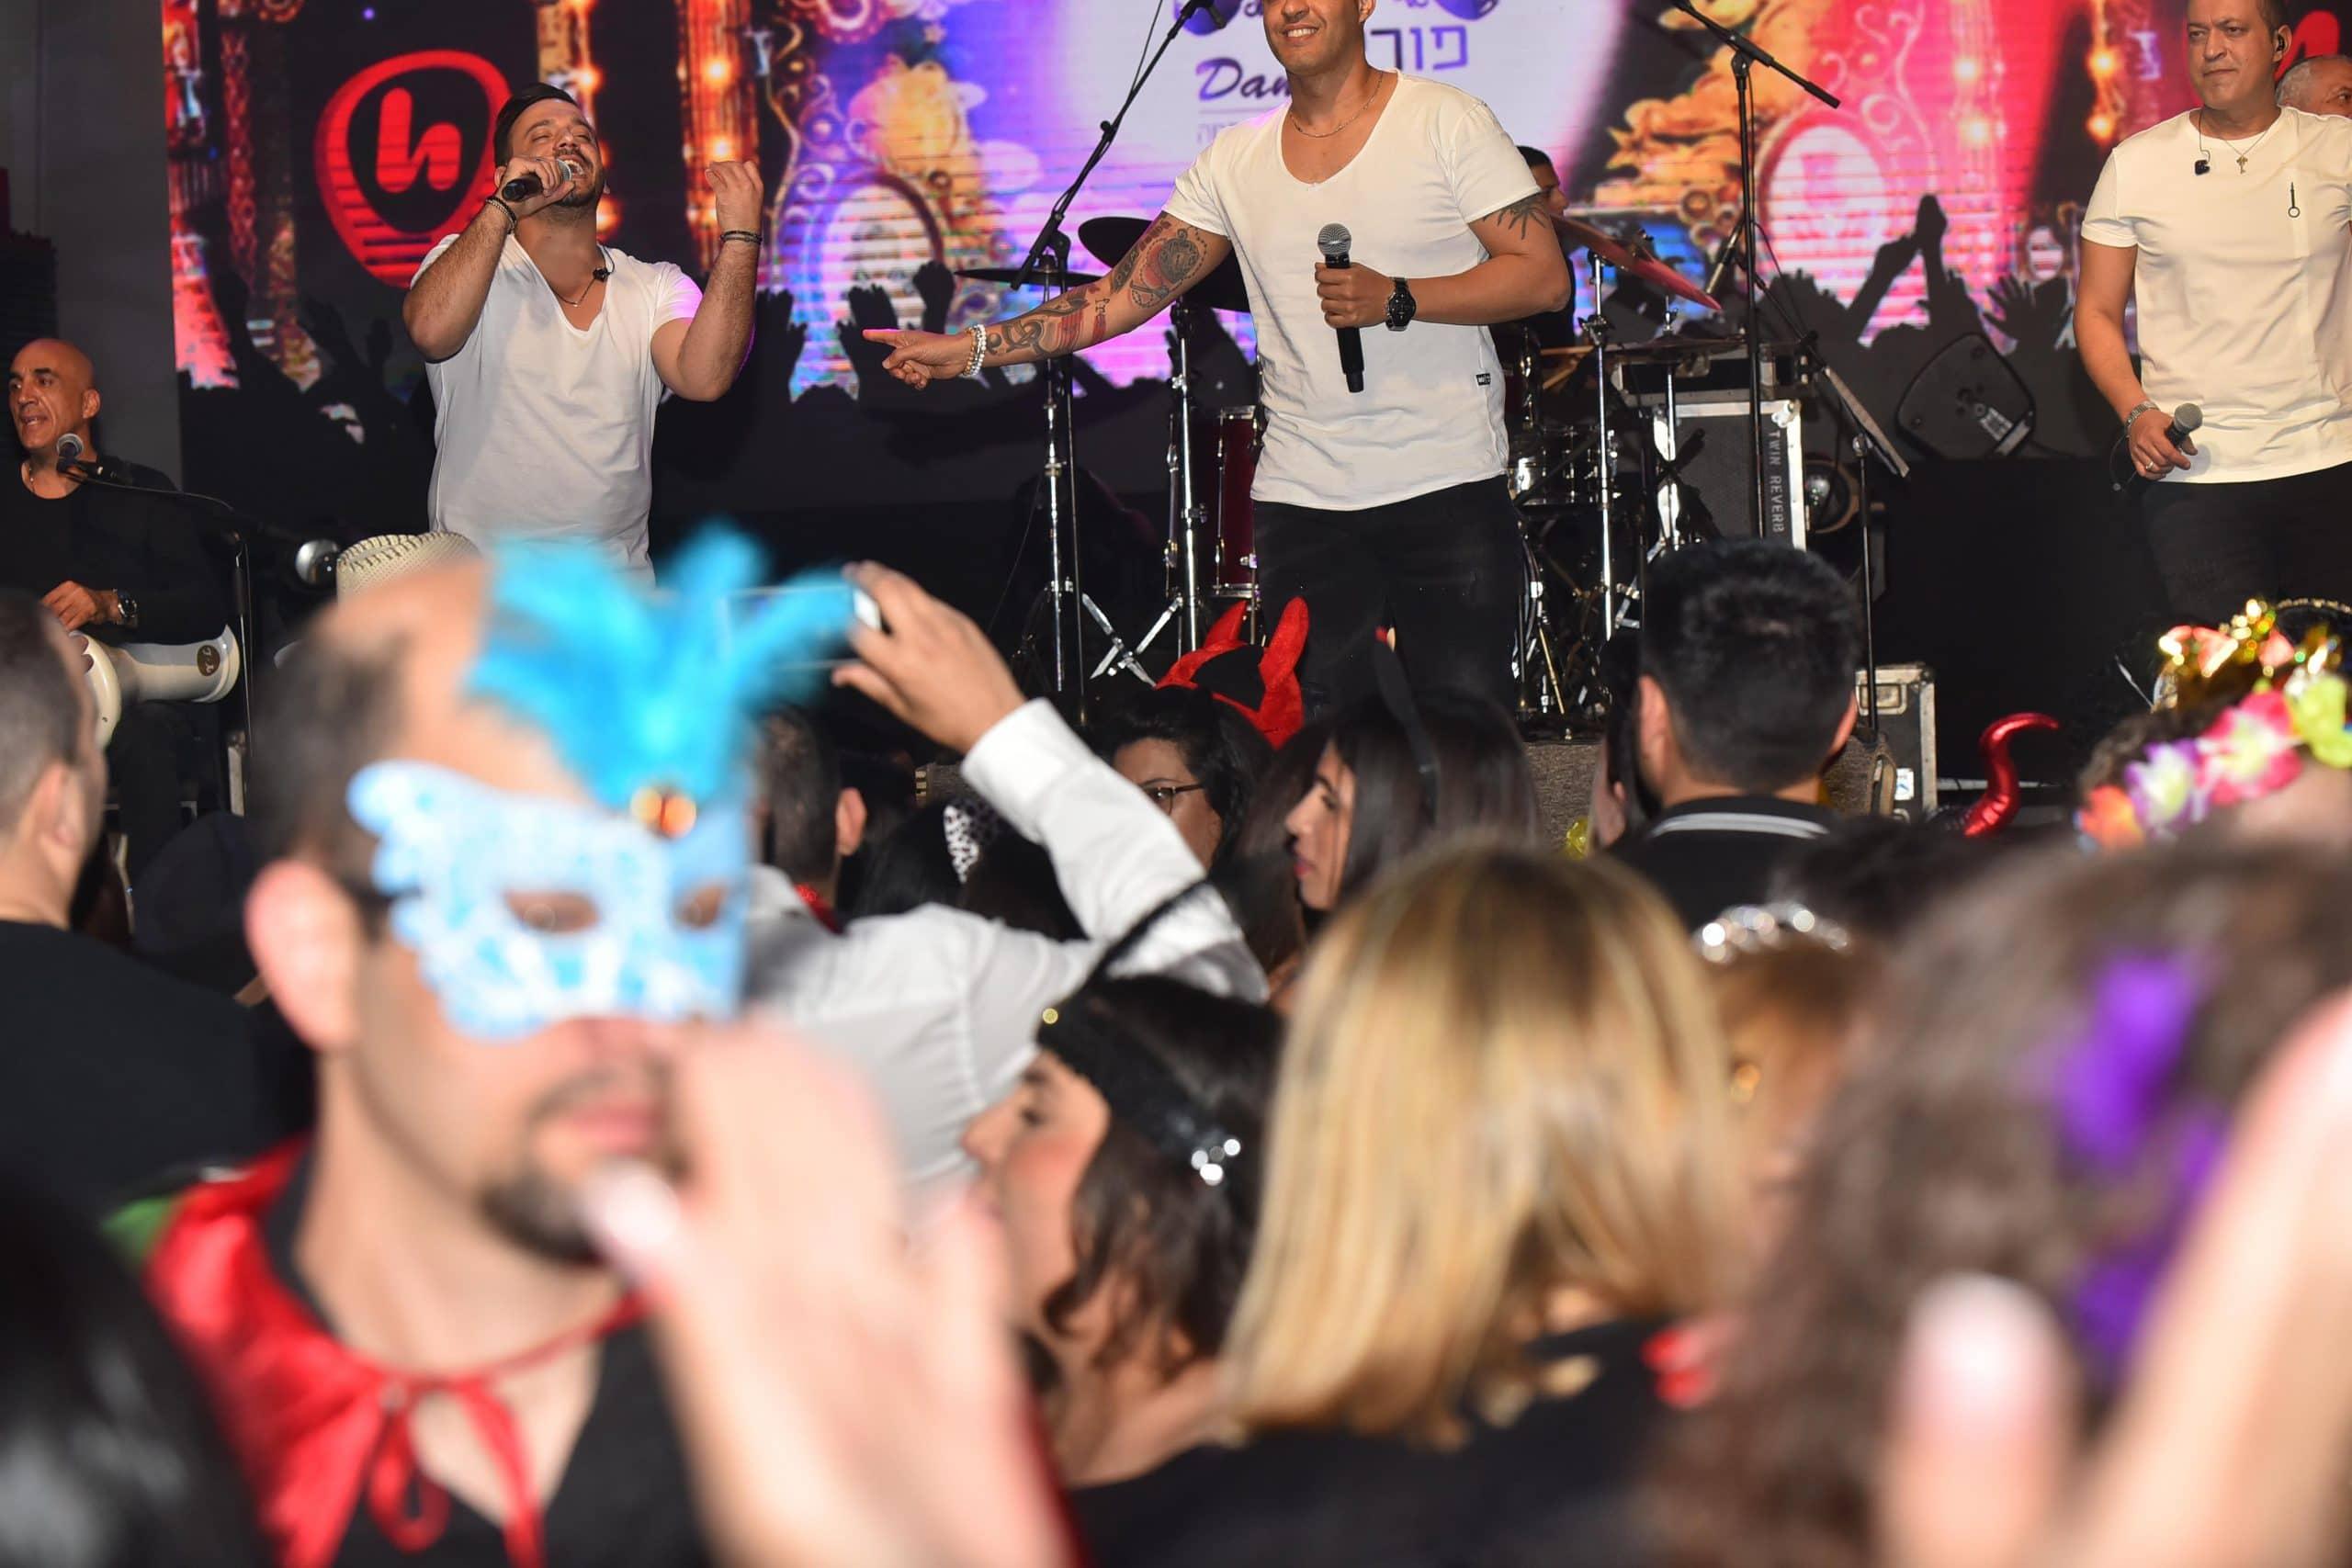 אנשים רוקדים במהלך מסיבת פורים לעובדים - פרוצ'י הפקות